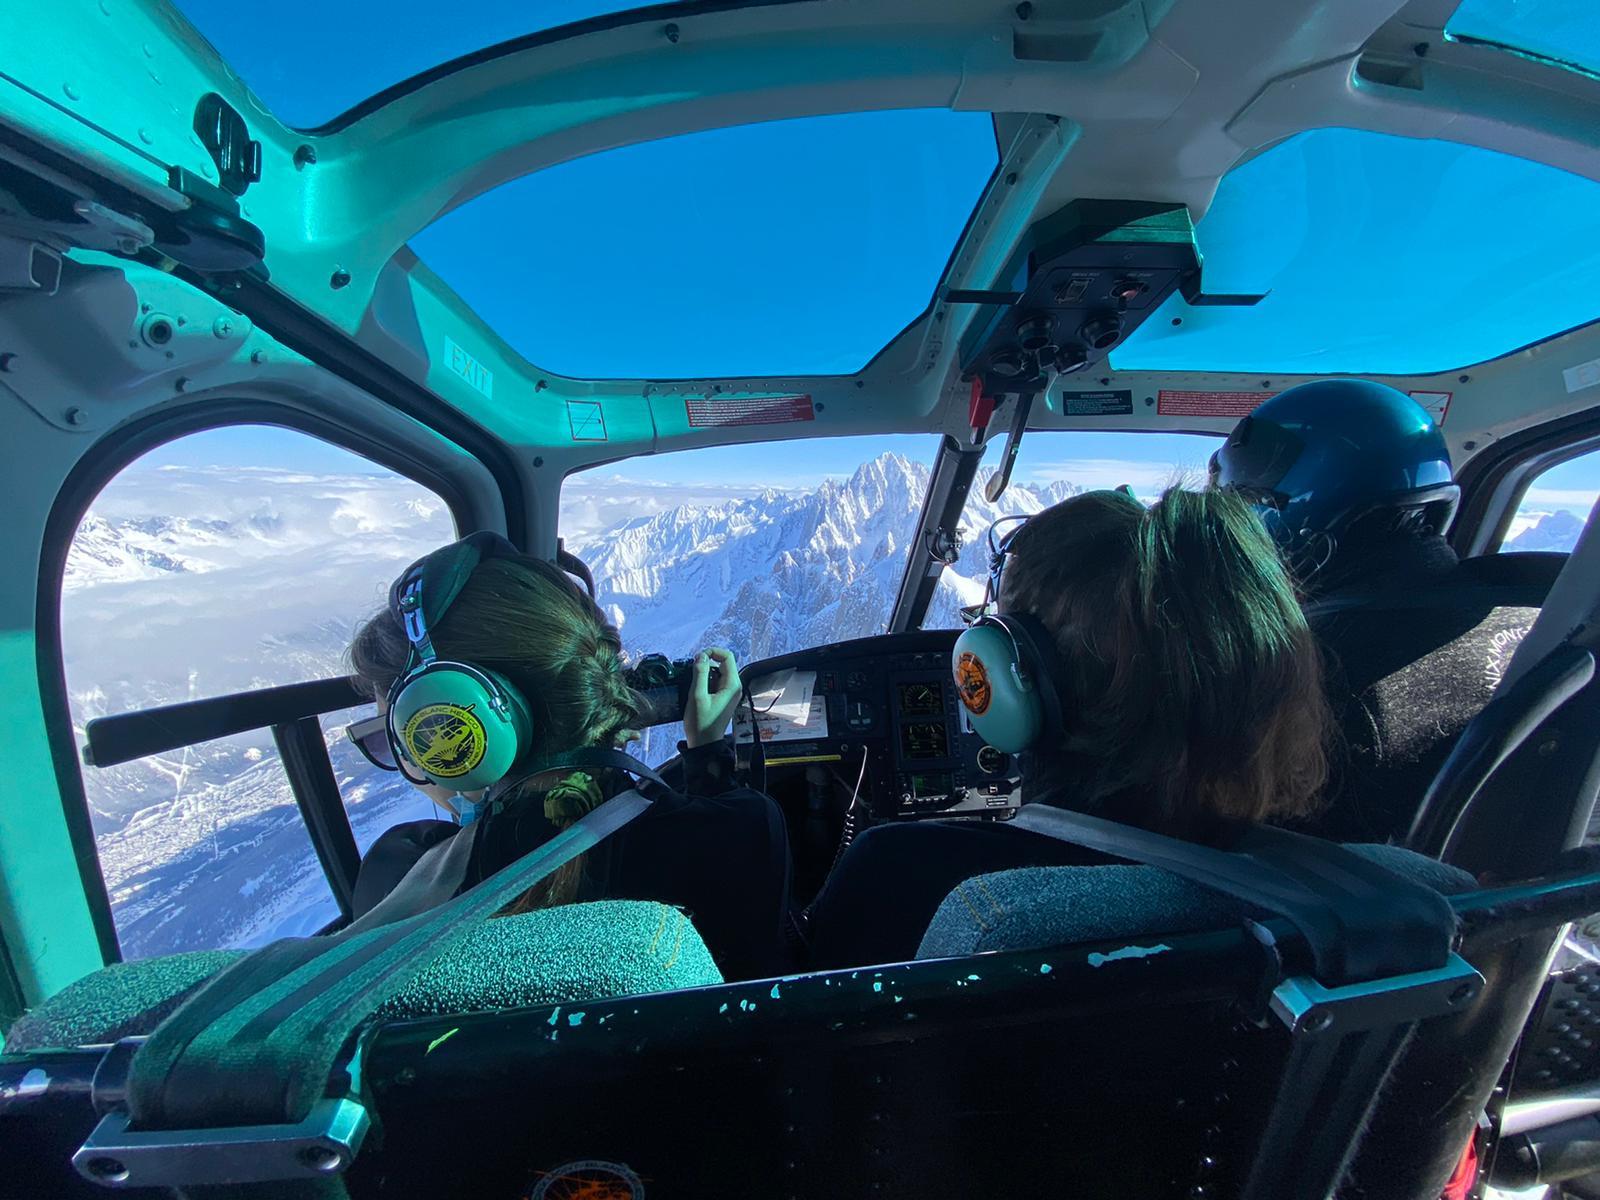 Retour sur une semaine rythmée à Chamonix pour notre séminaire d'hiver 2021